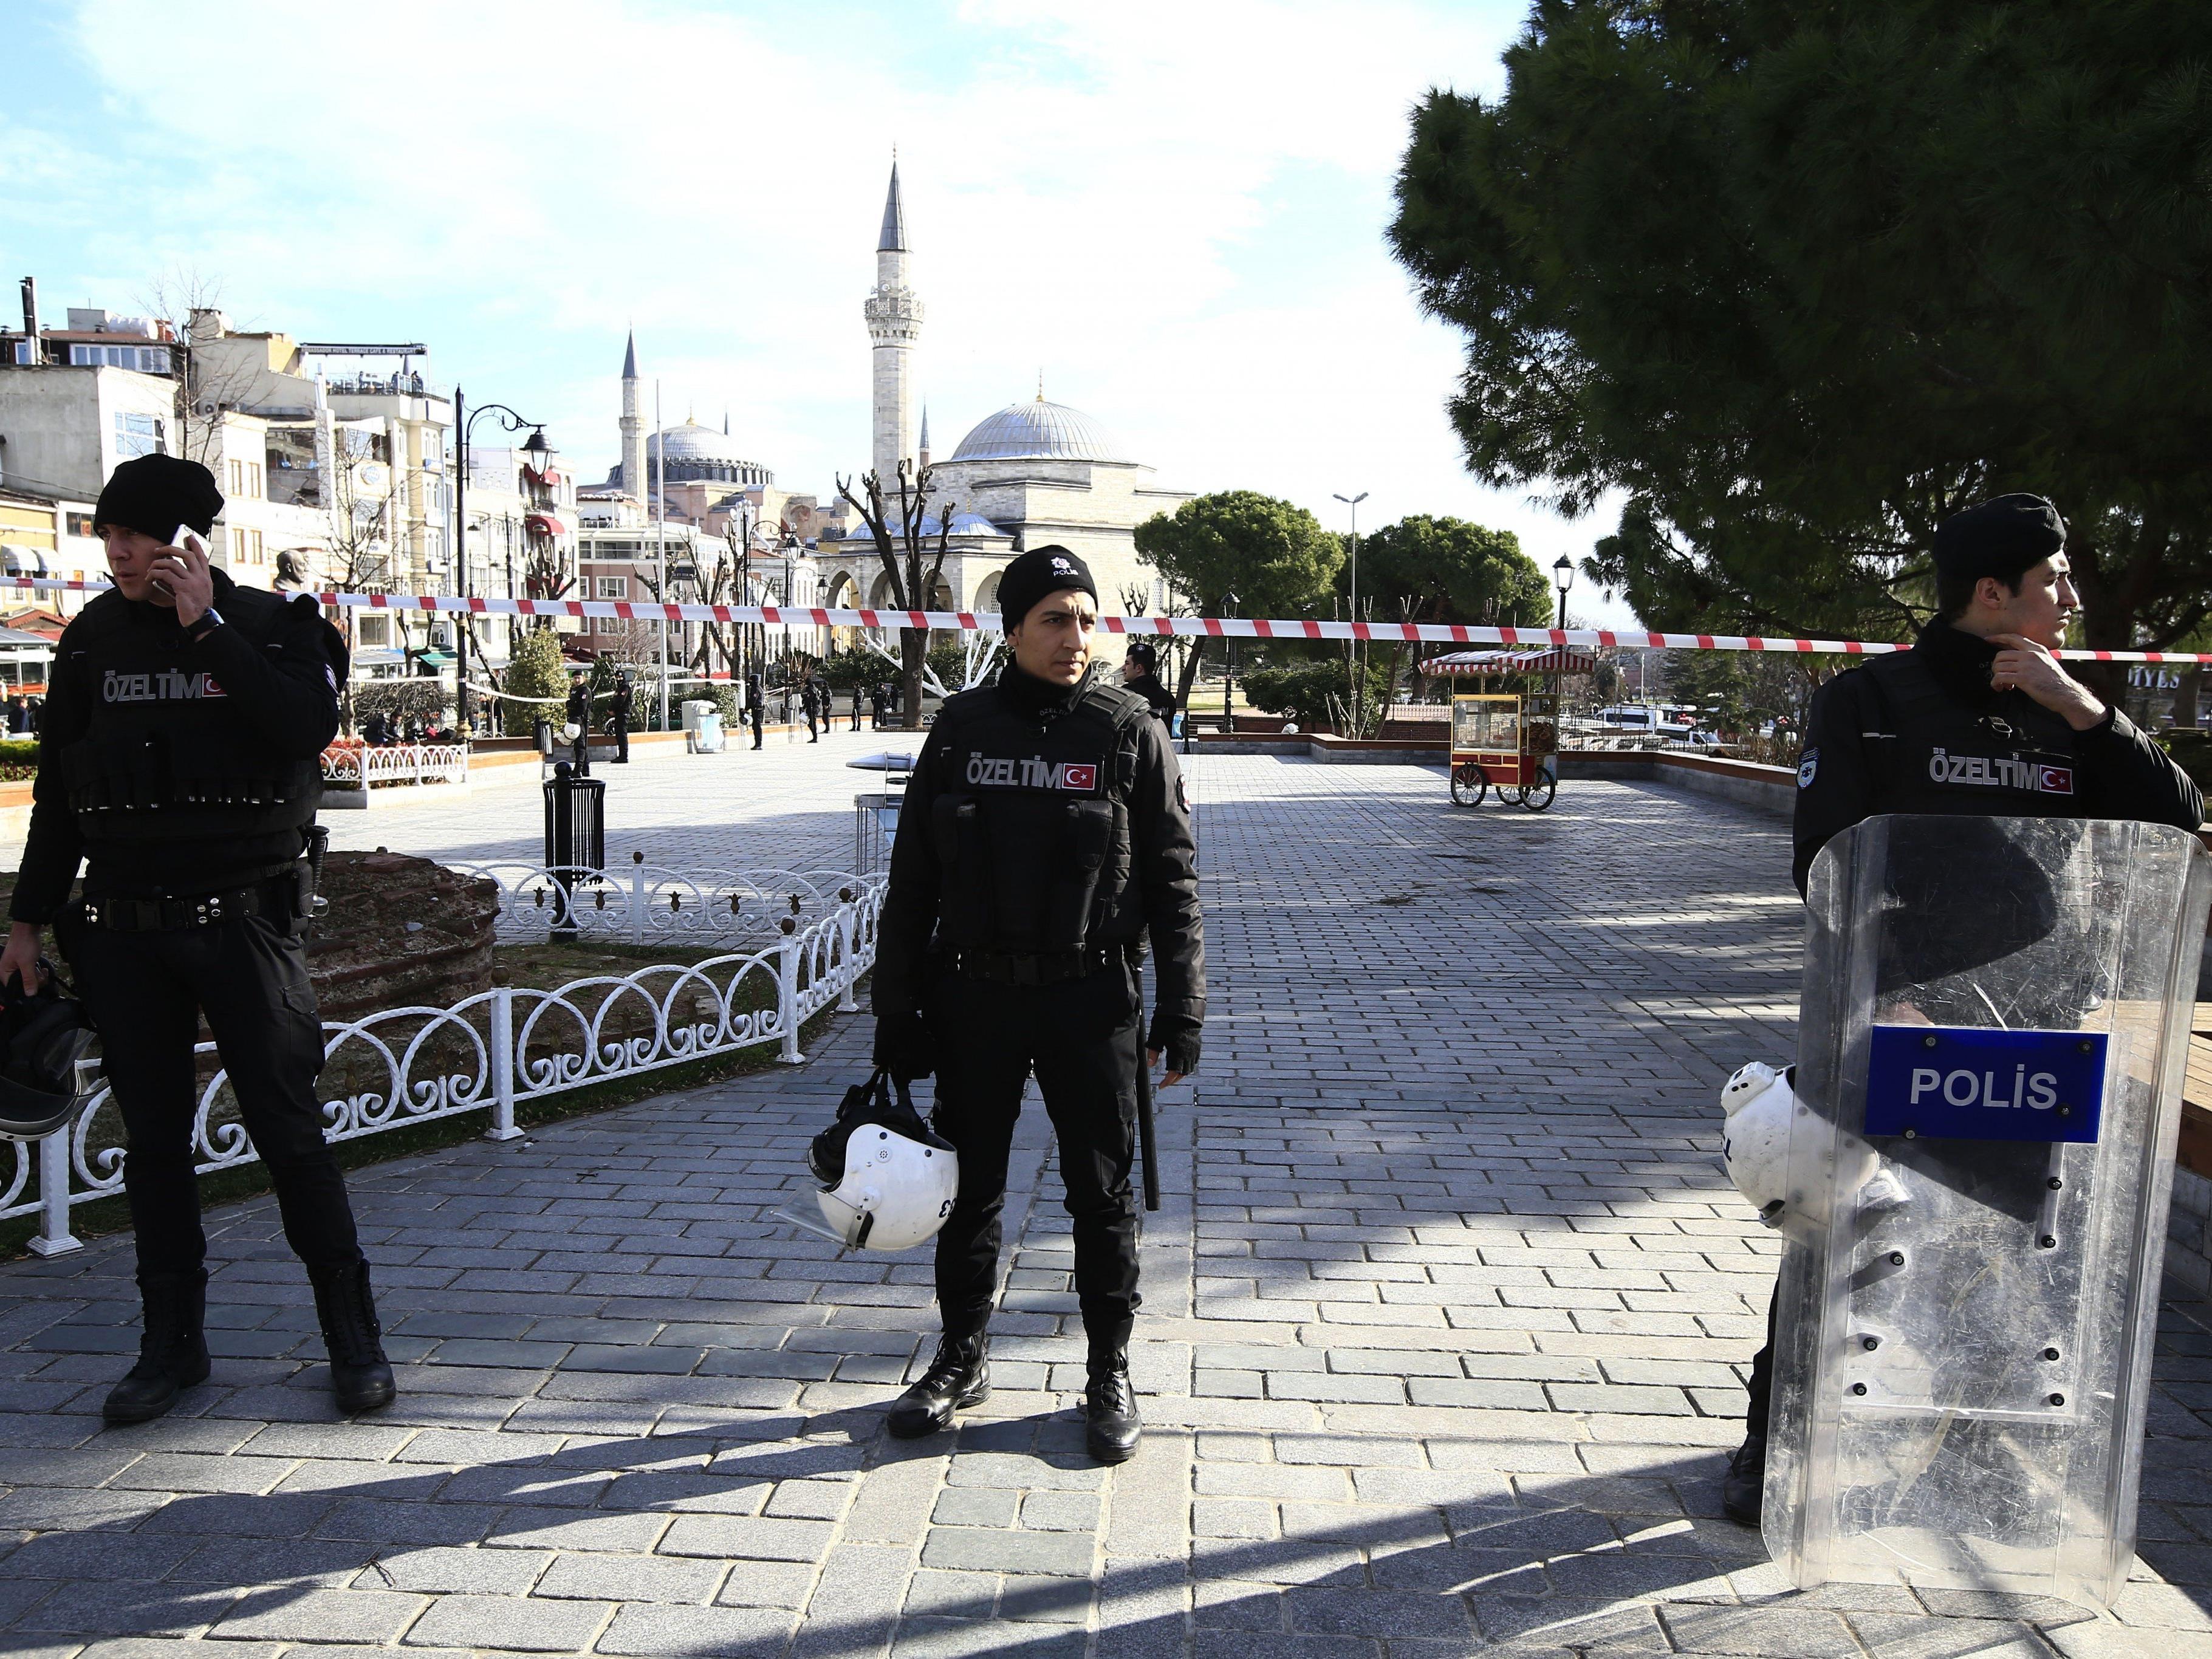 Polizisten riegeln die Gegend um die Hagia Sophia ab.